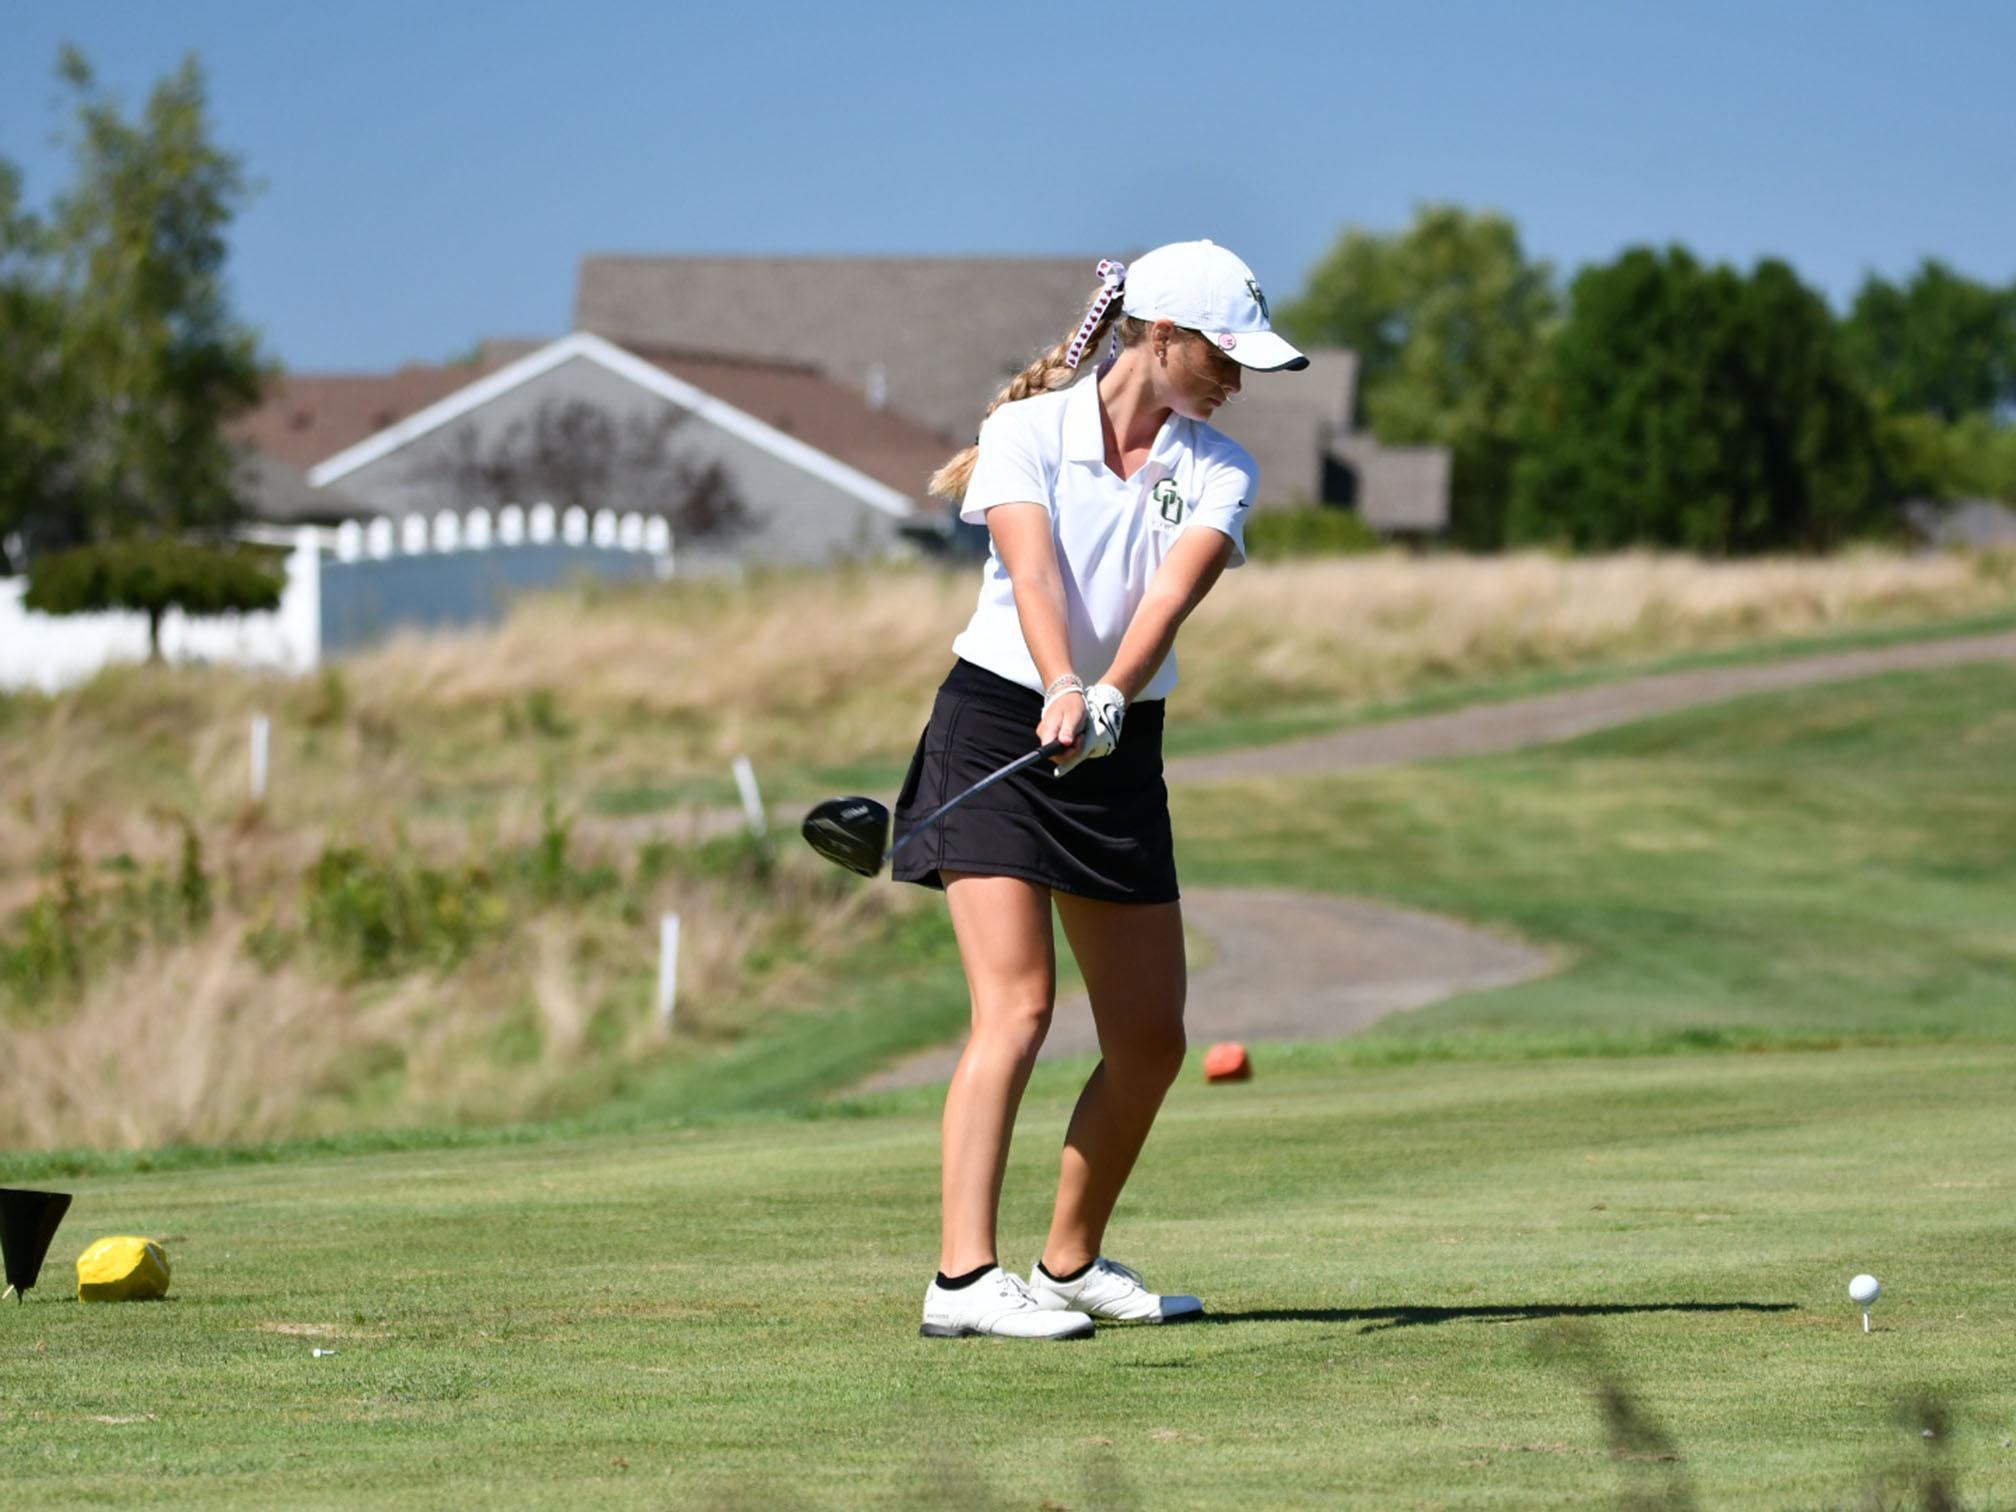 Golfer Maddie Reemsnyder achieves success